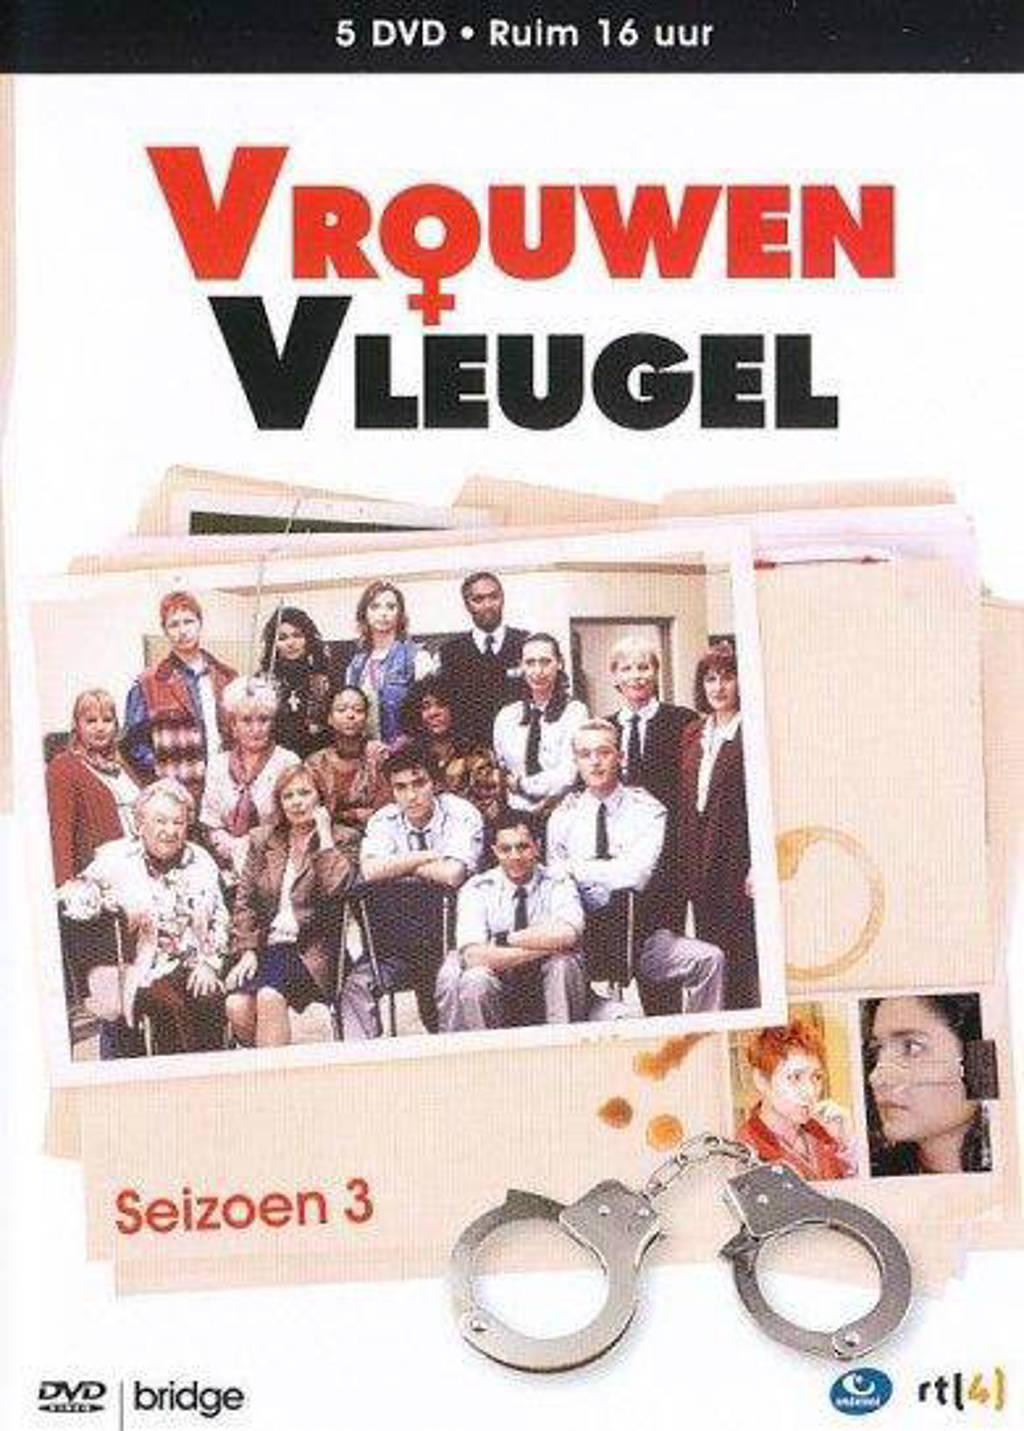 Vrouwenvleugel - Seizoen 3 (DVD)